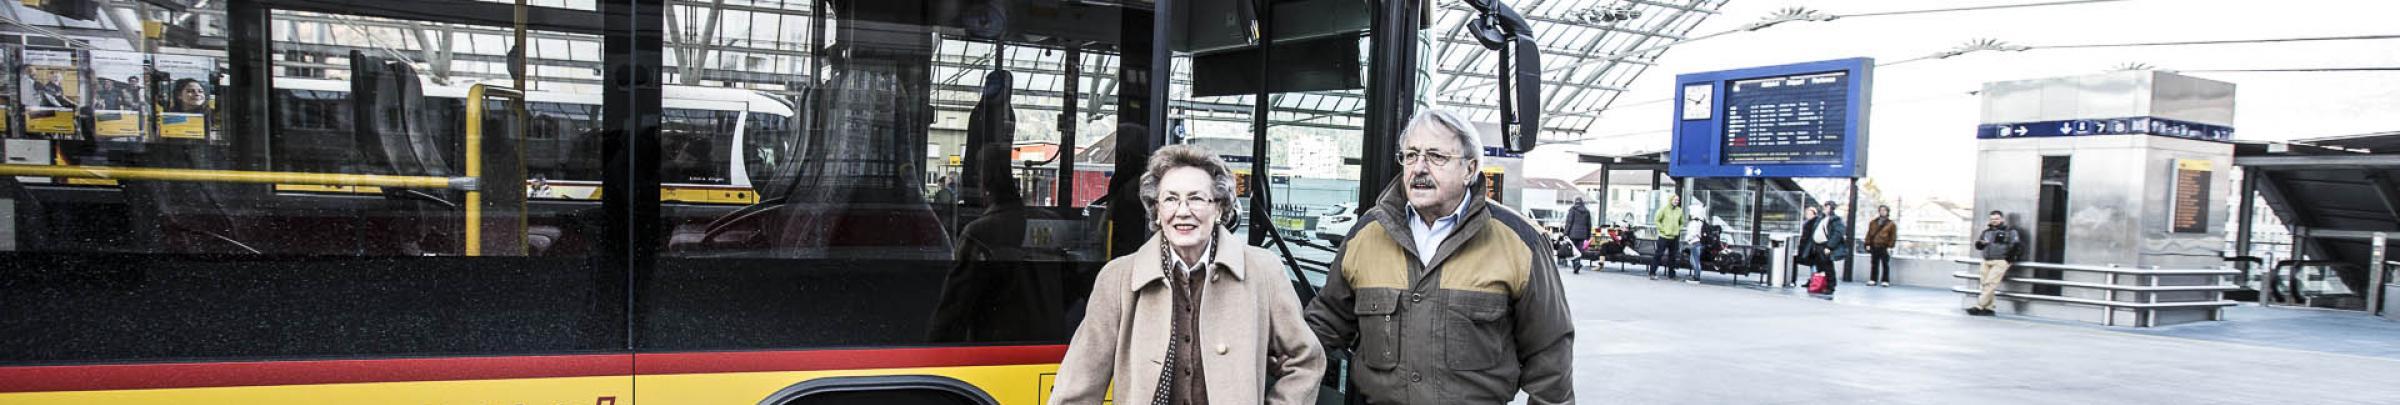 Für ältere Menschen, die nicht selber fahren können, stehen Fahrdienste zur Verfügung.